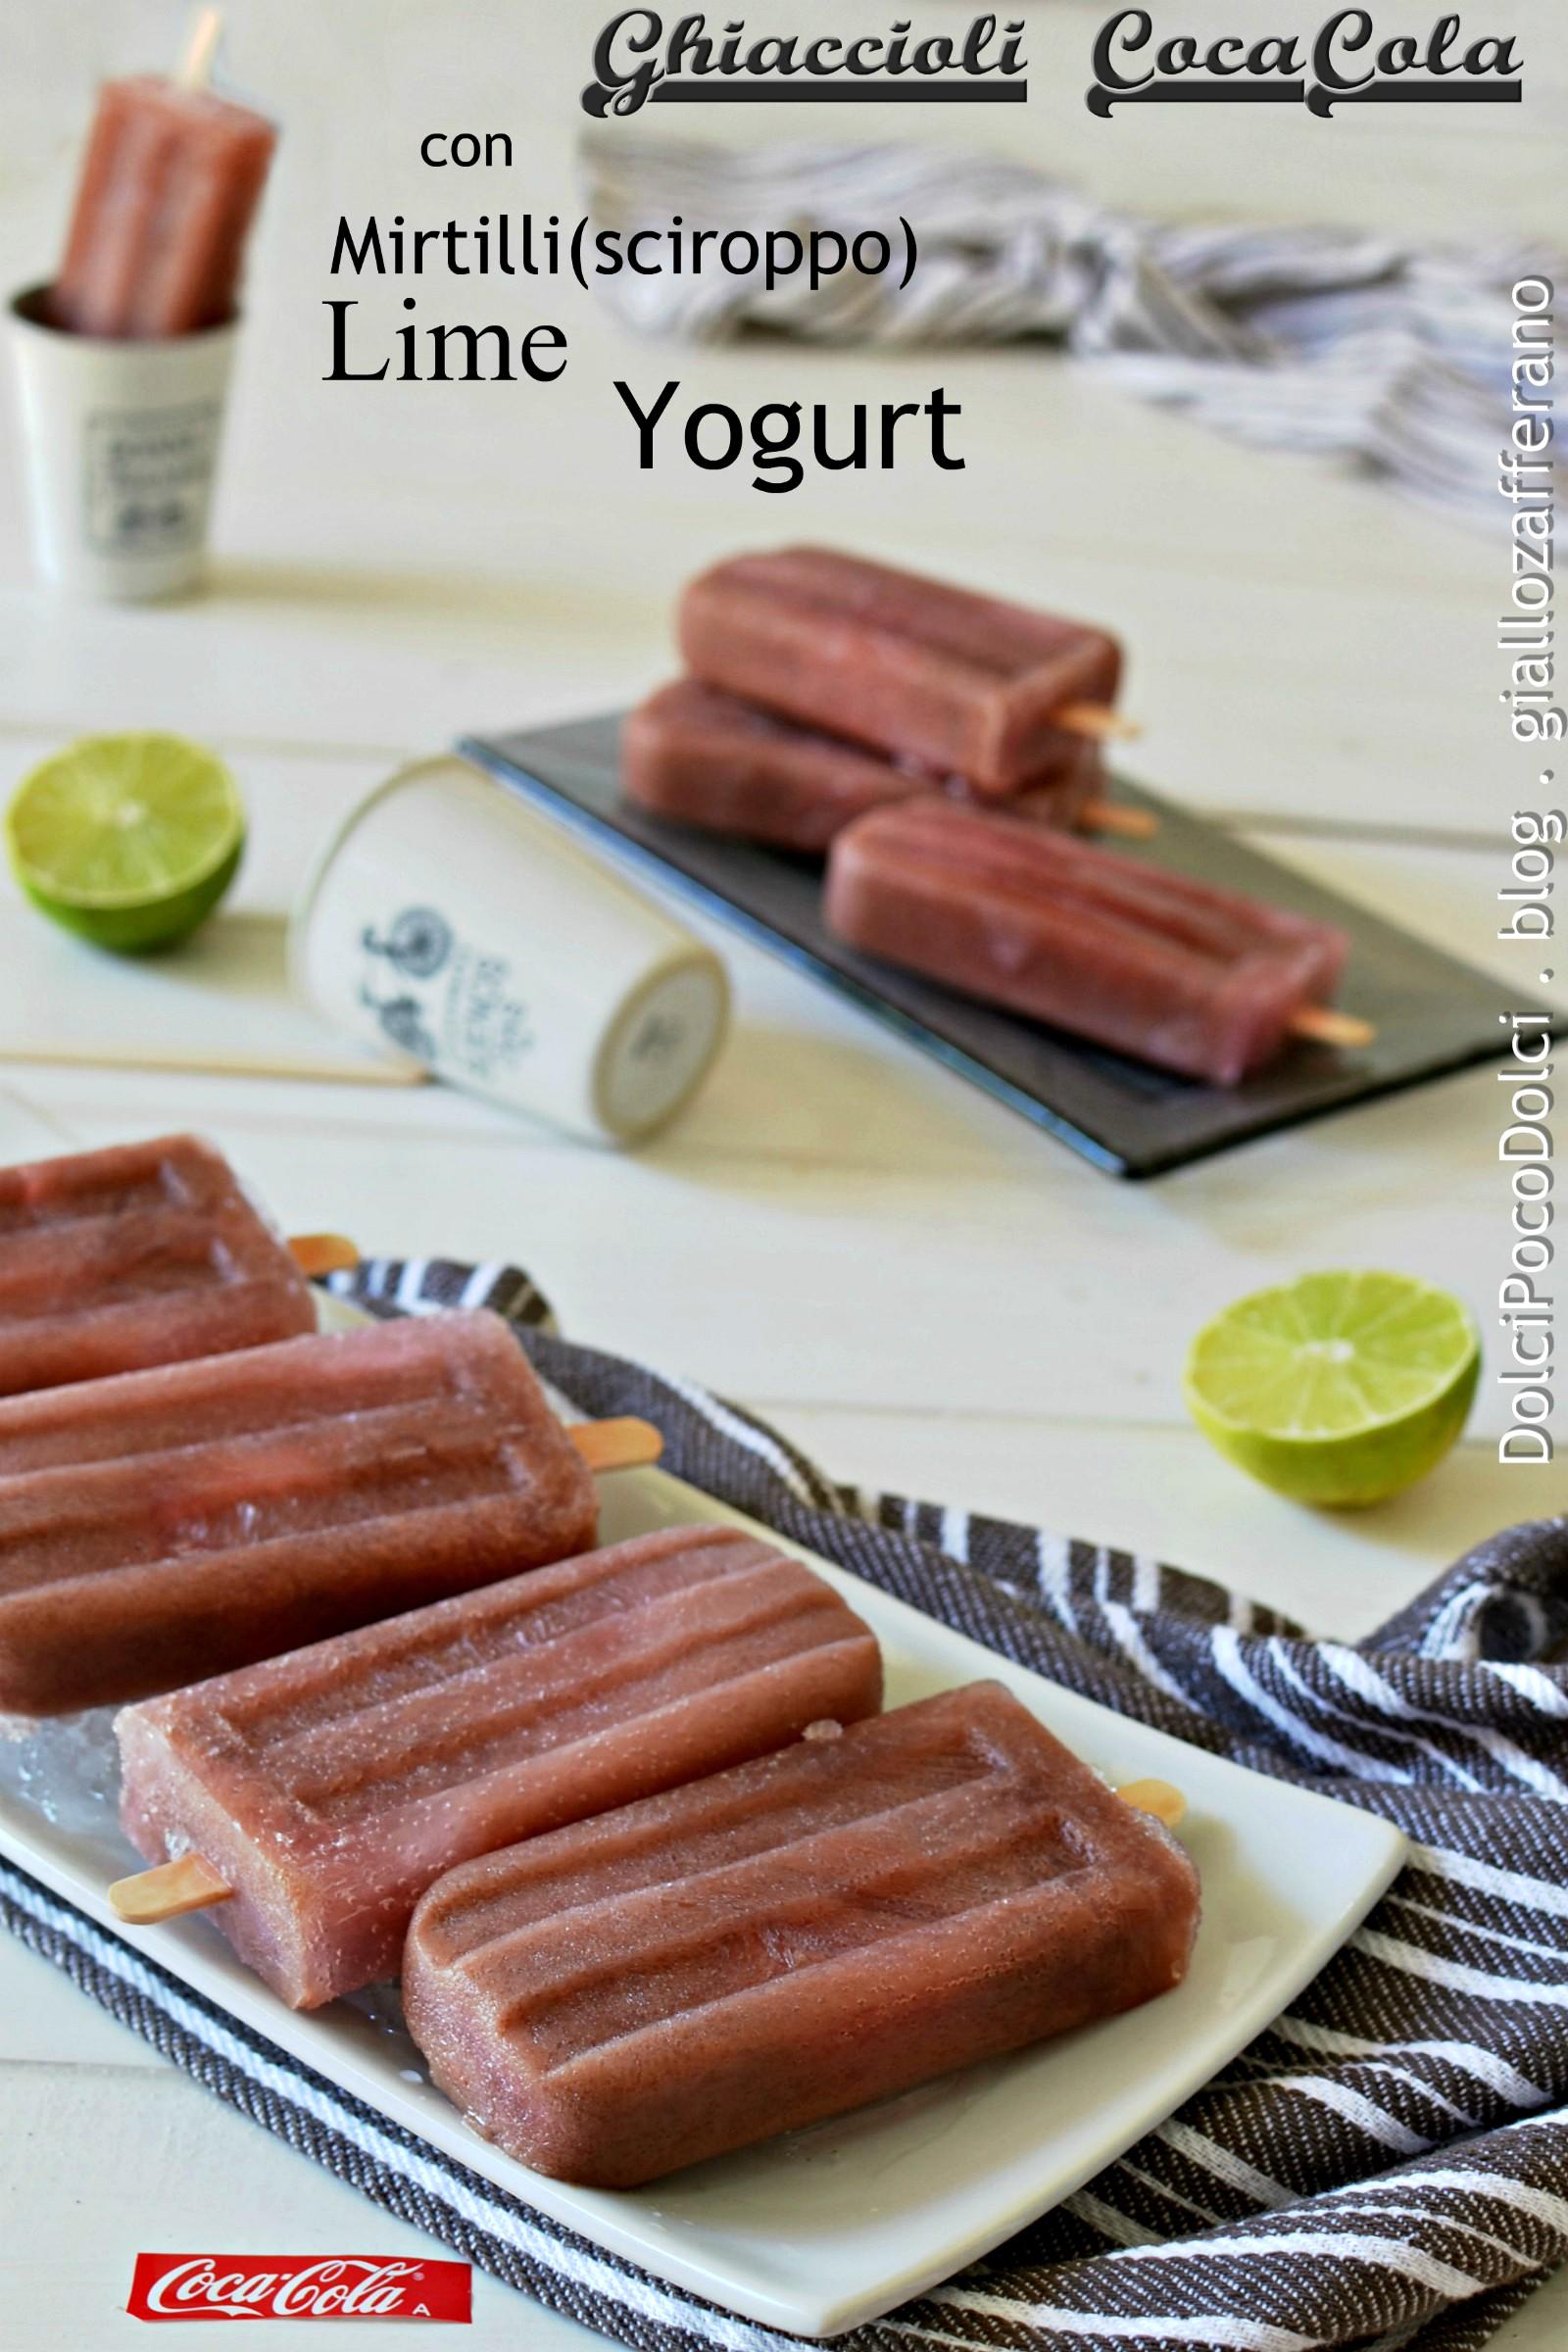 Ghiaccioli CocaCola con Yogurt Lime e Mirtilli